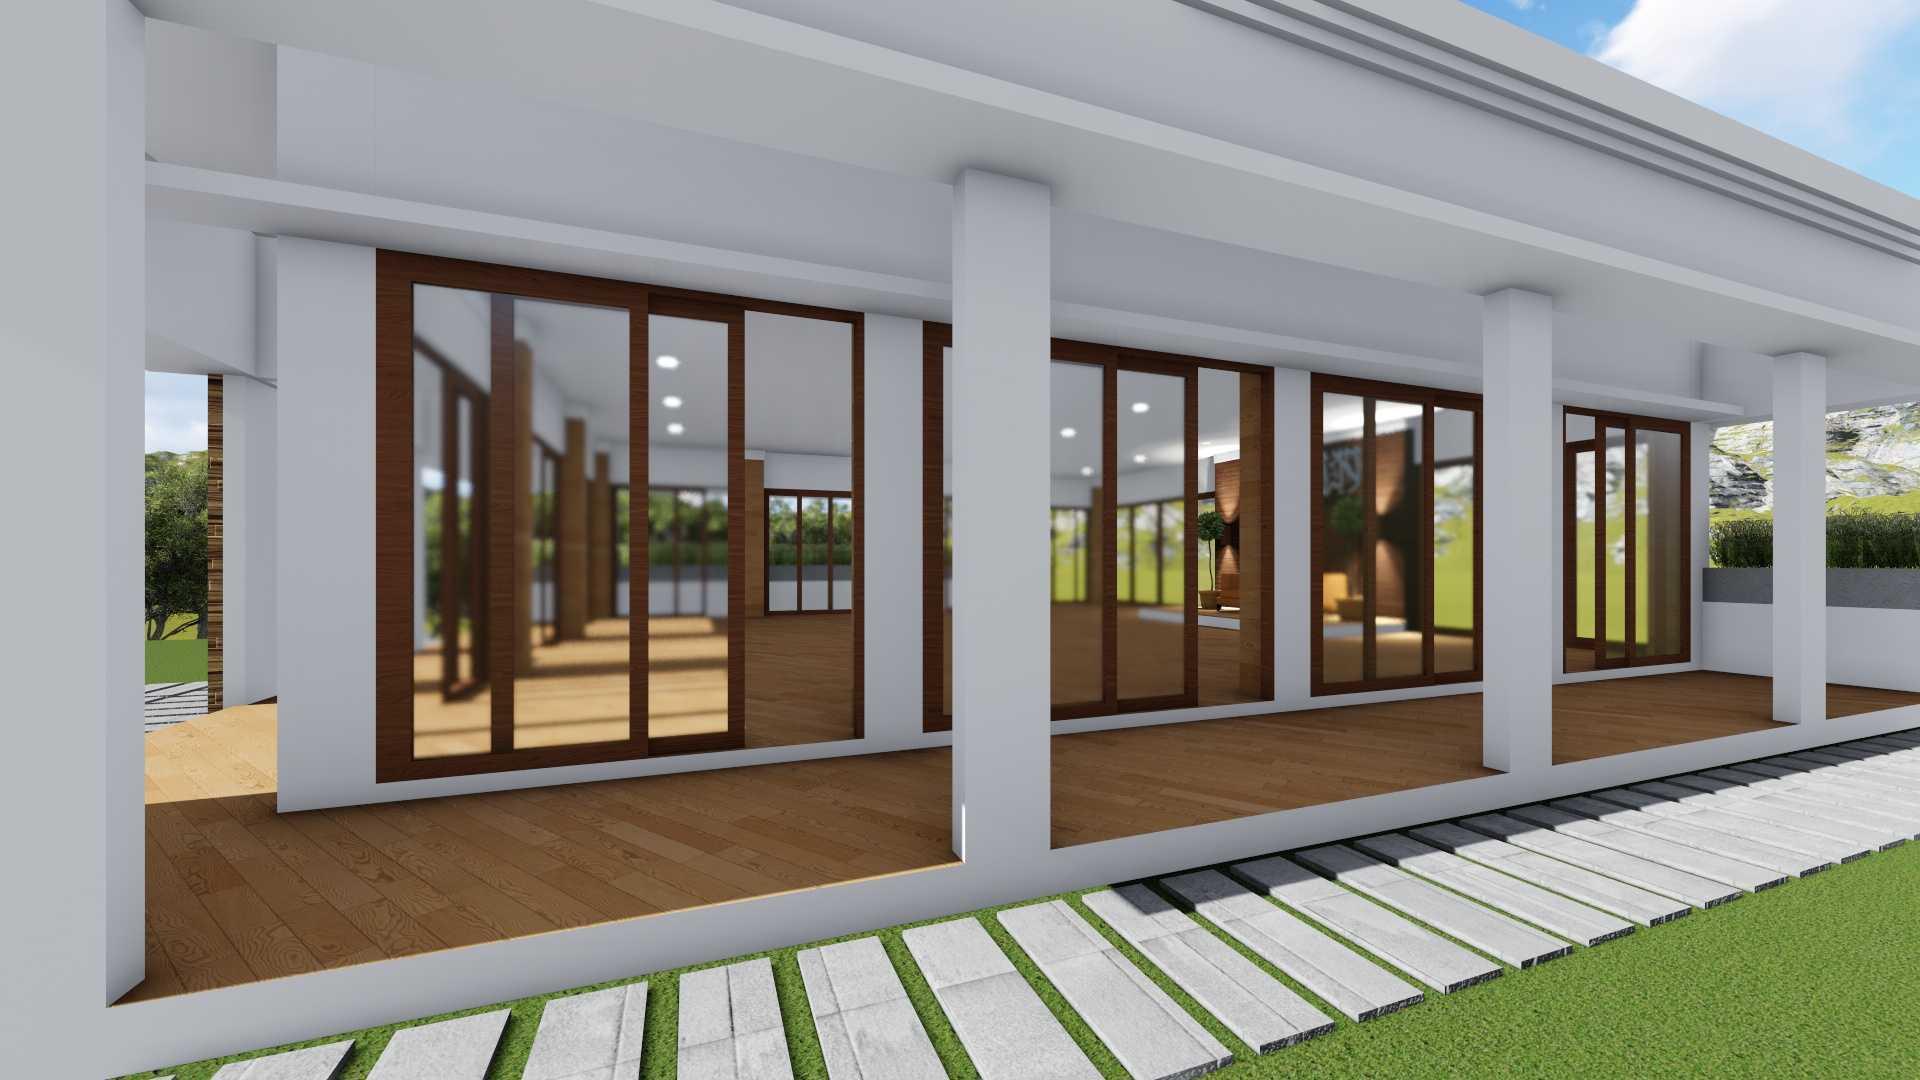 Mannor Architect Balai Pertemuan Megamendung Bogor, Jawa Barat, Indonesia Bogor, Jawa Barat, Indonesia Side View   40421